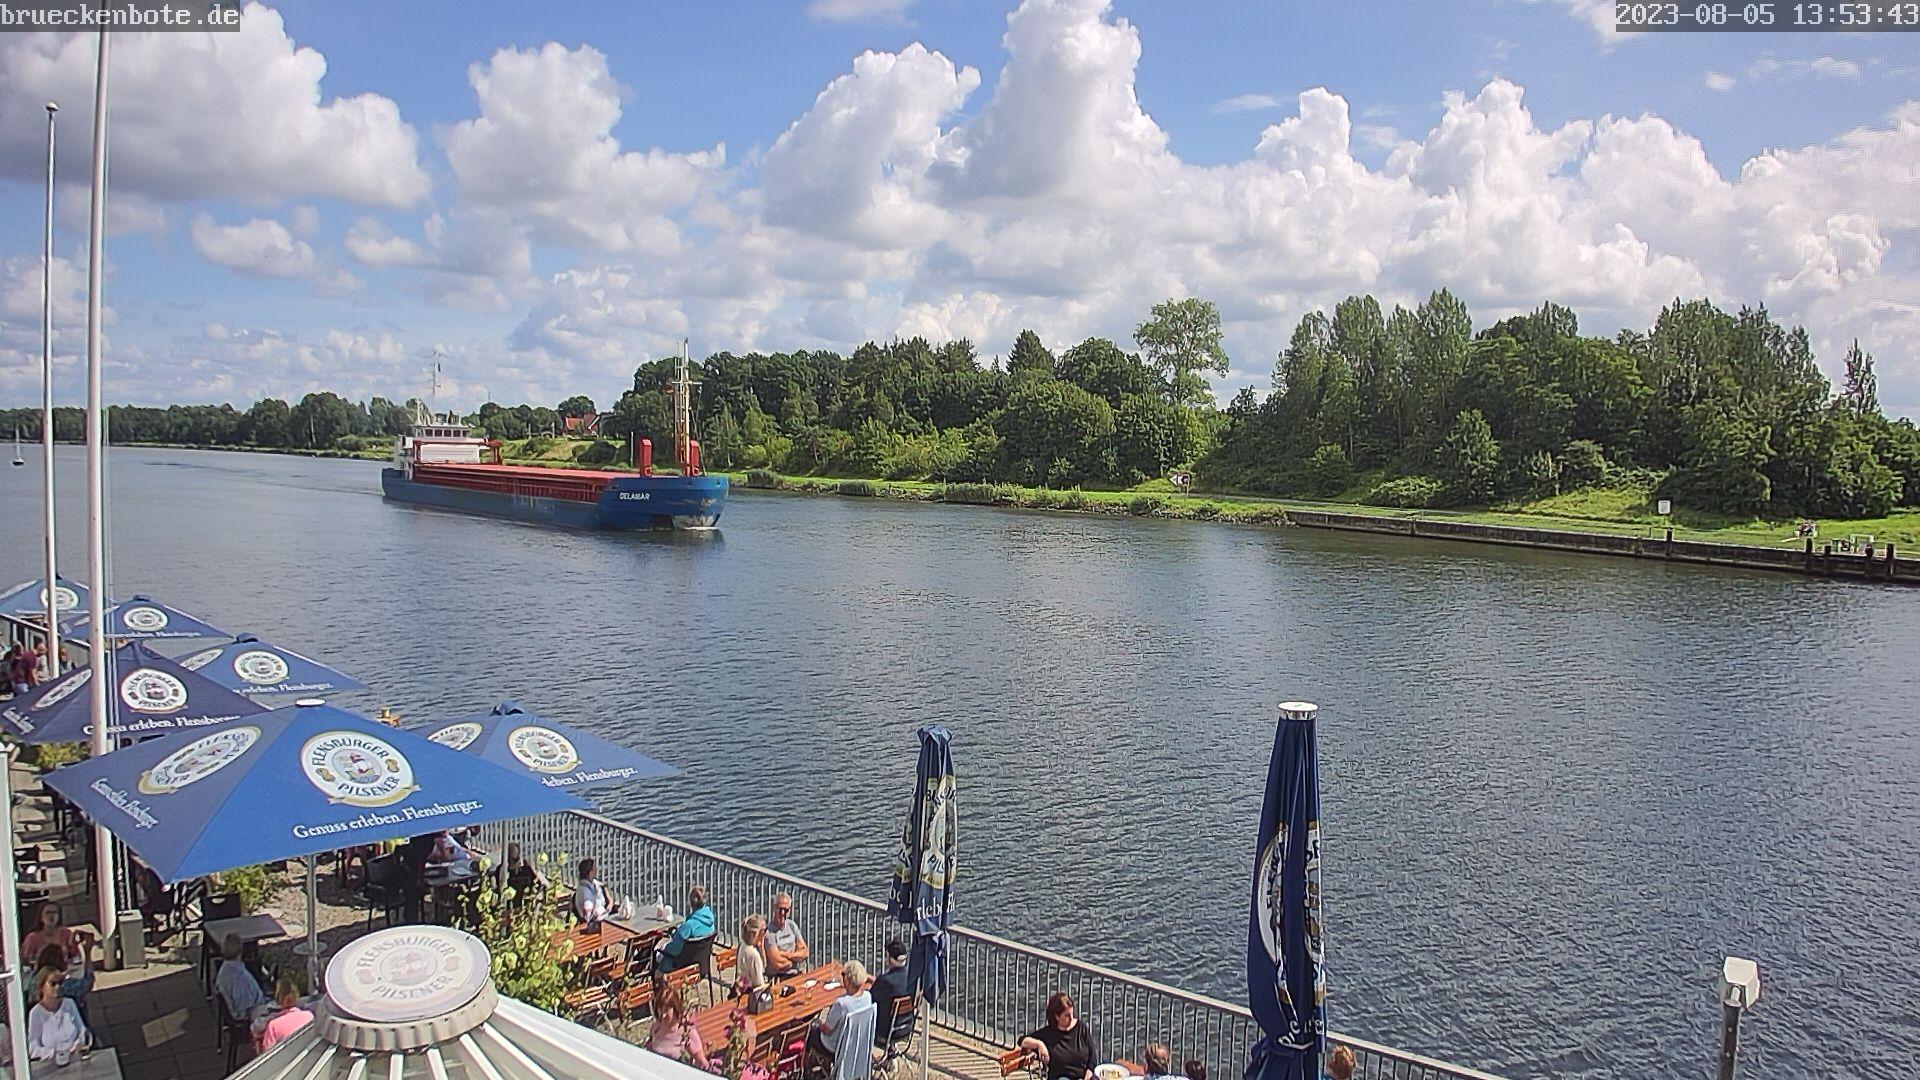 Webcam - Brückenbote (NOK Schiffsbegrüßungsanlage Rendsburg